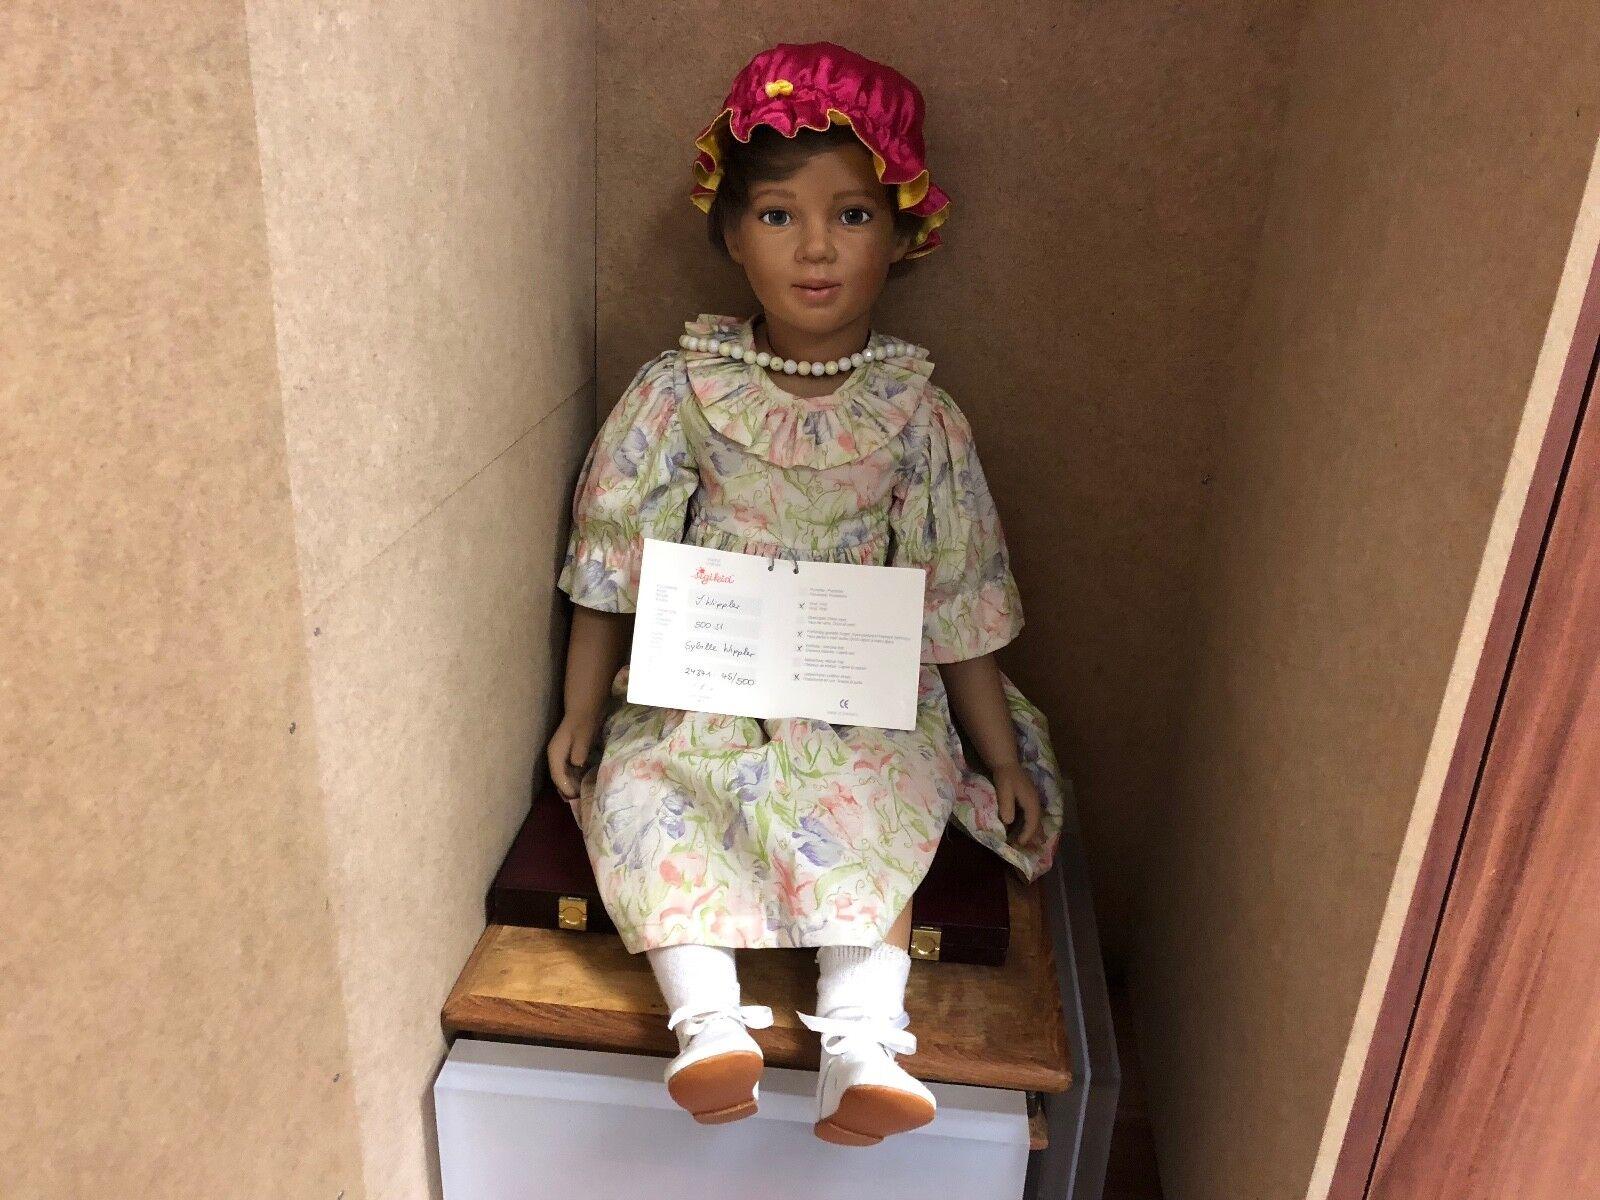 Sigikid Ilse wippler vinilo muñeca 69 cm. top estado